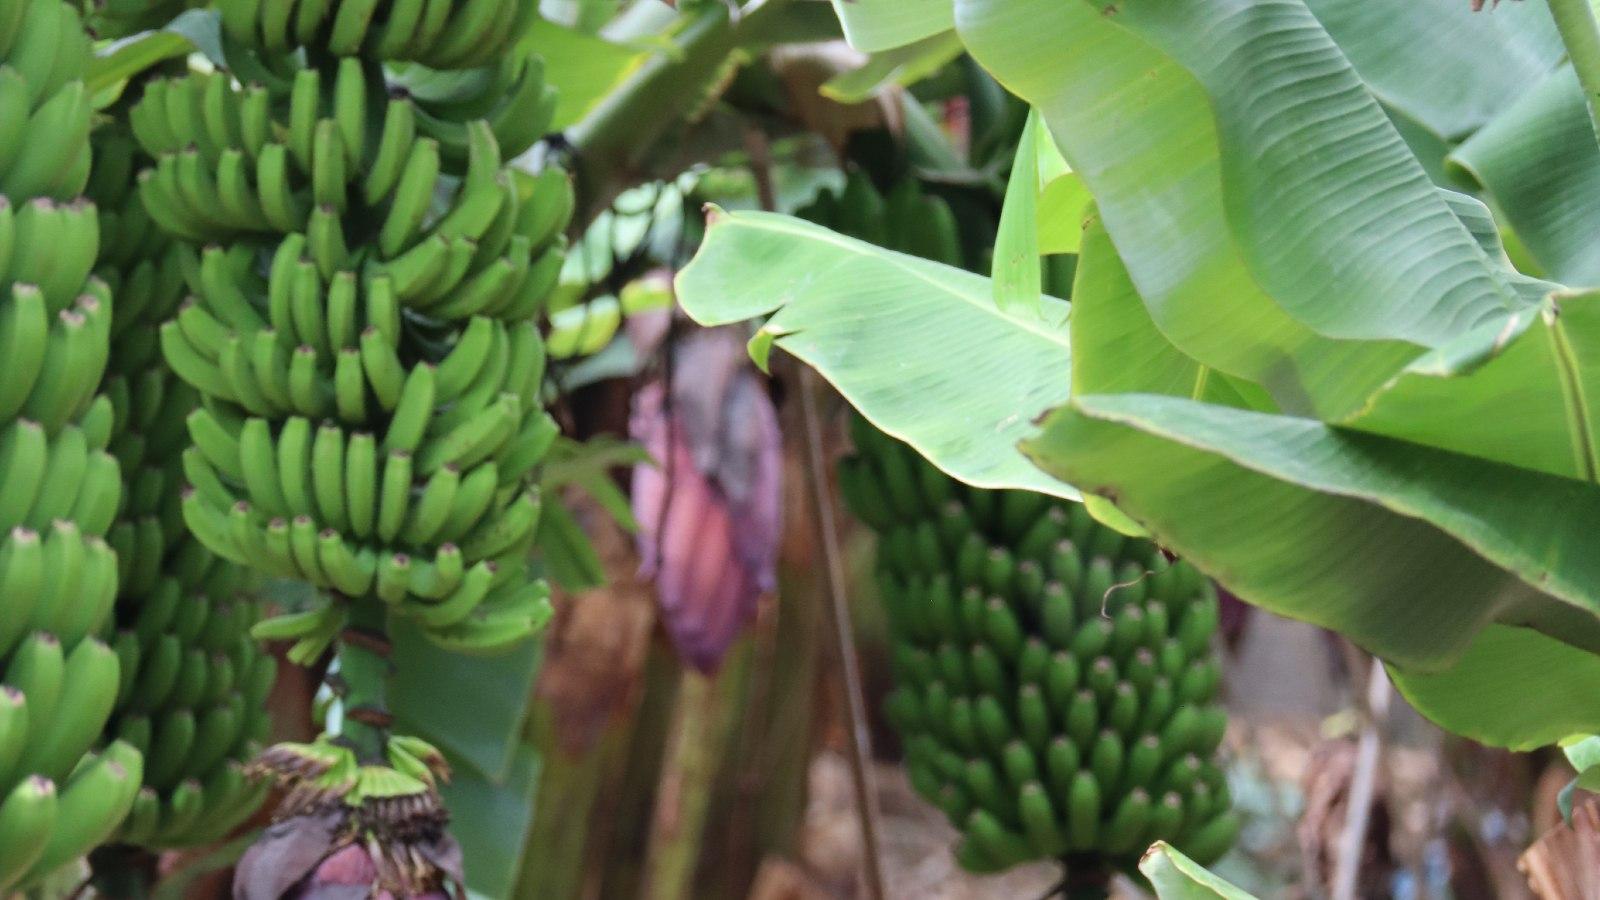 Banane canarienne